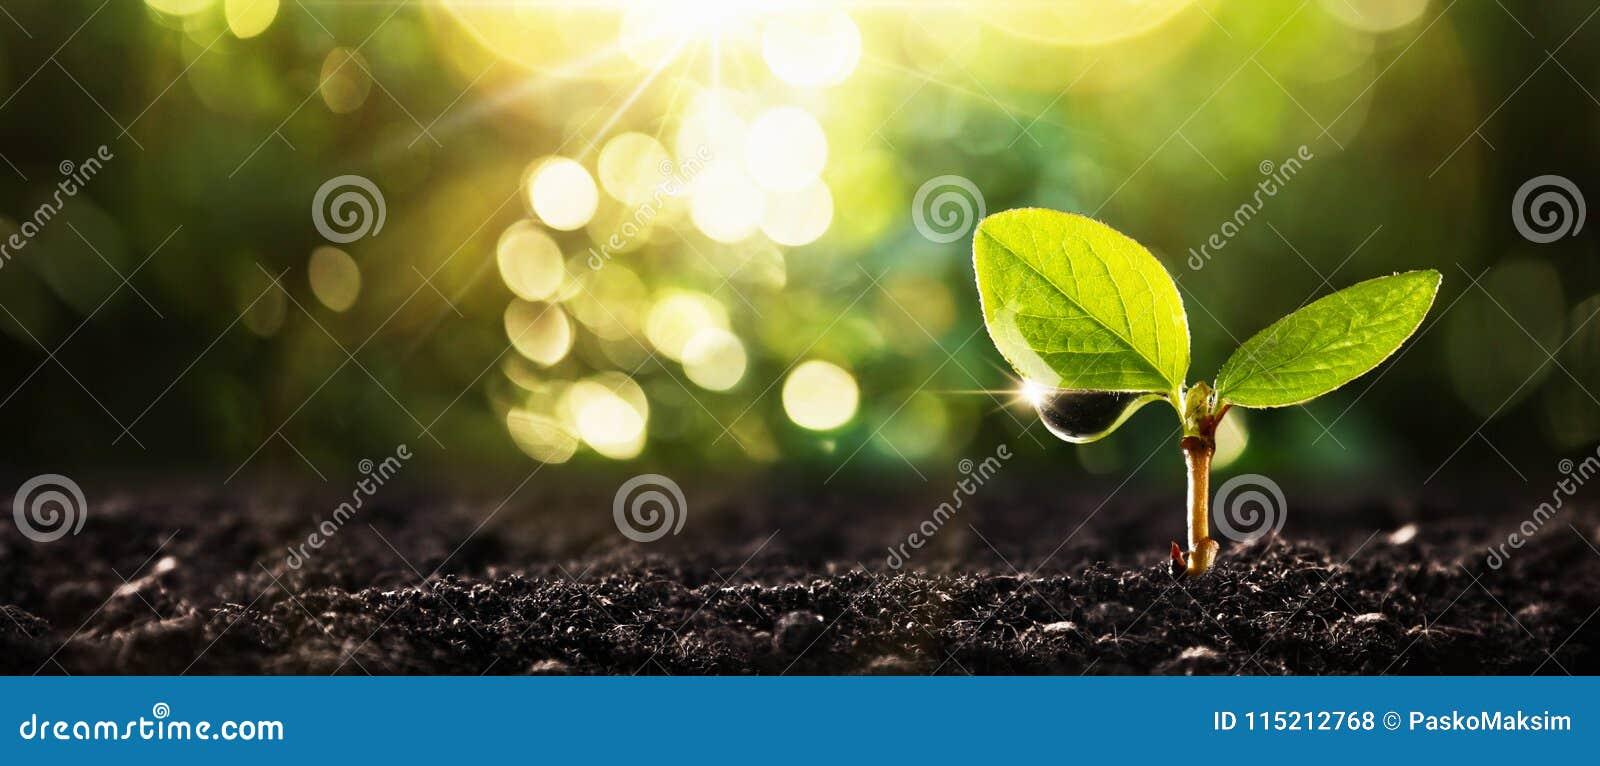 Młoda roślina w świetle słonecznym